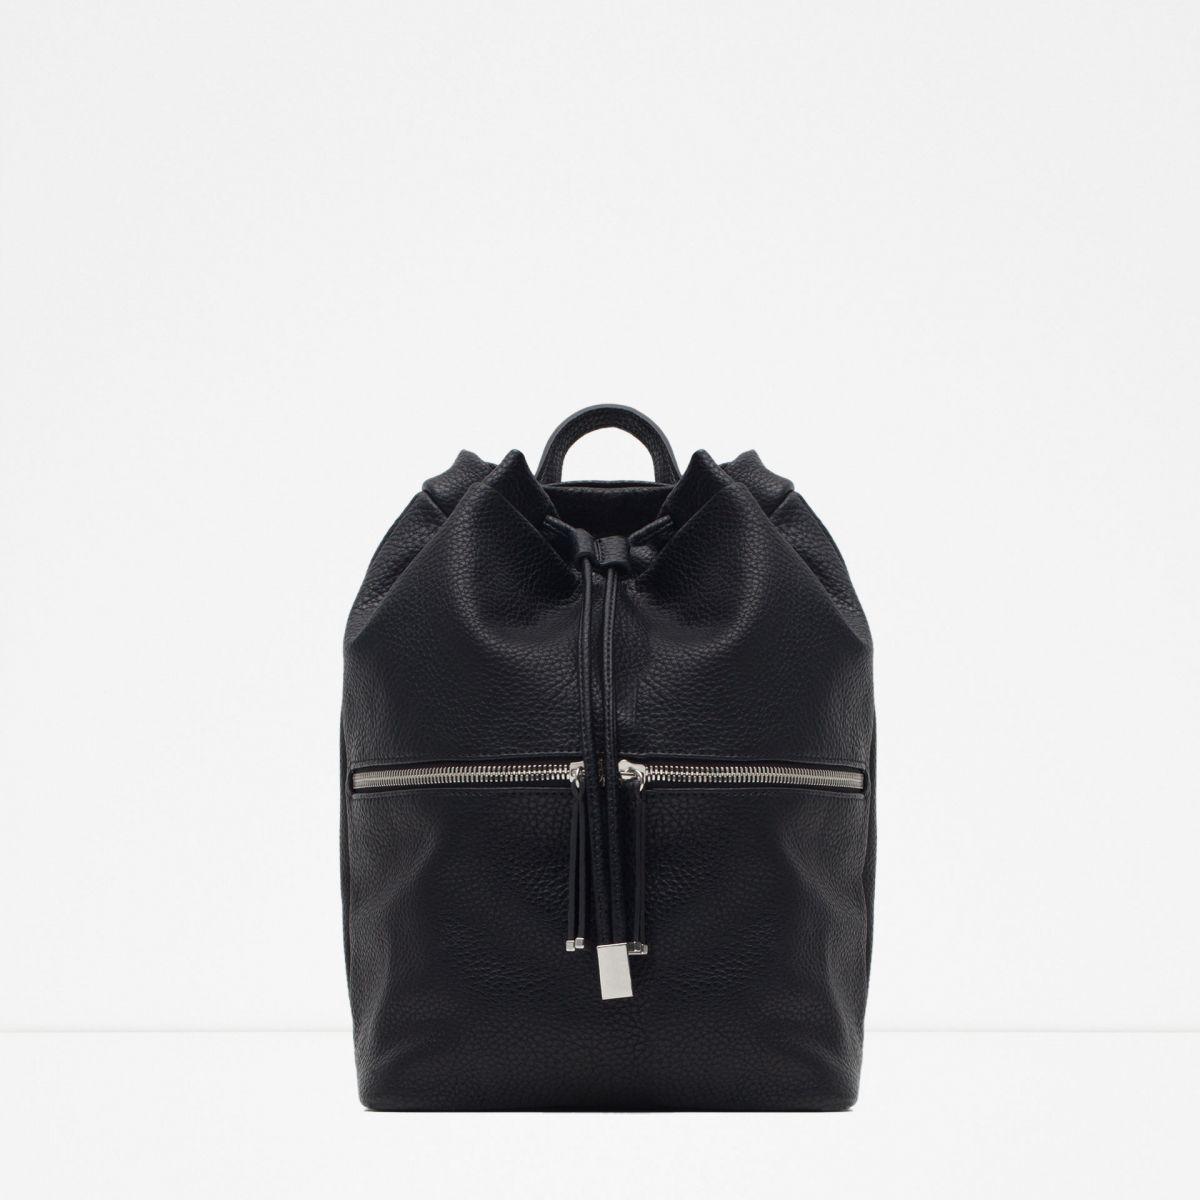 Модный рюкзак на осень 2015